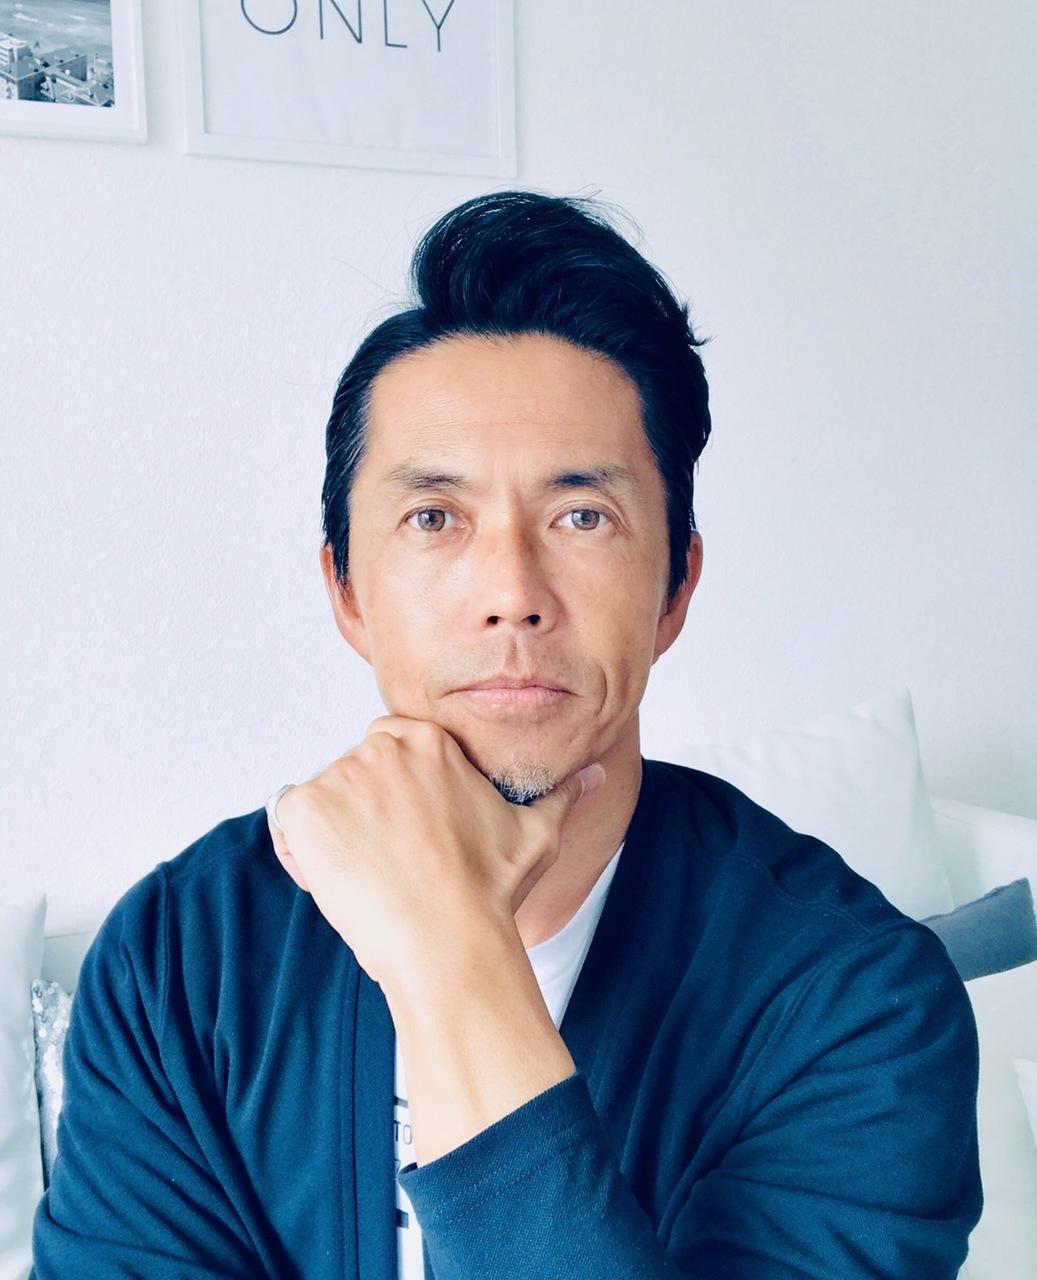 海島純(うみしまじゅん)先生 オンライン恋愛相談